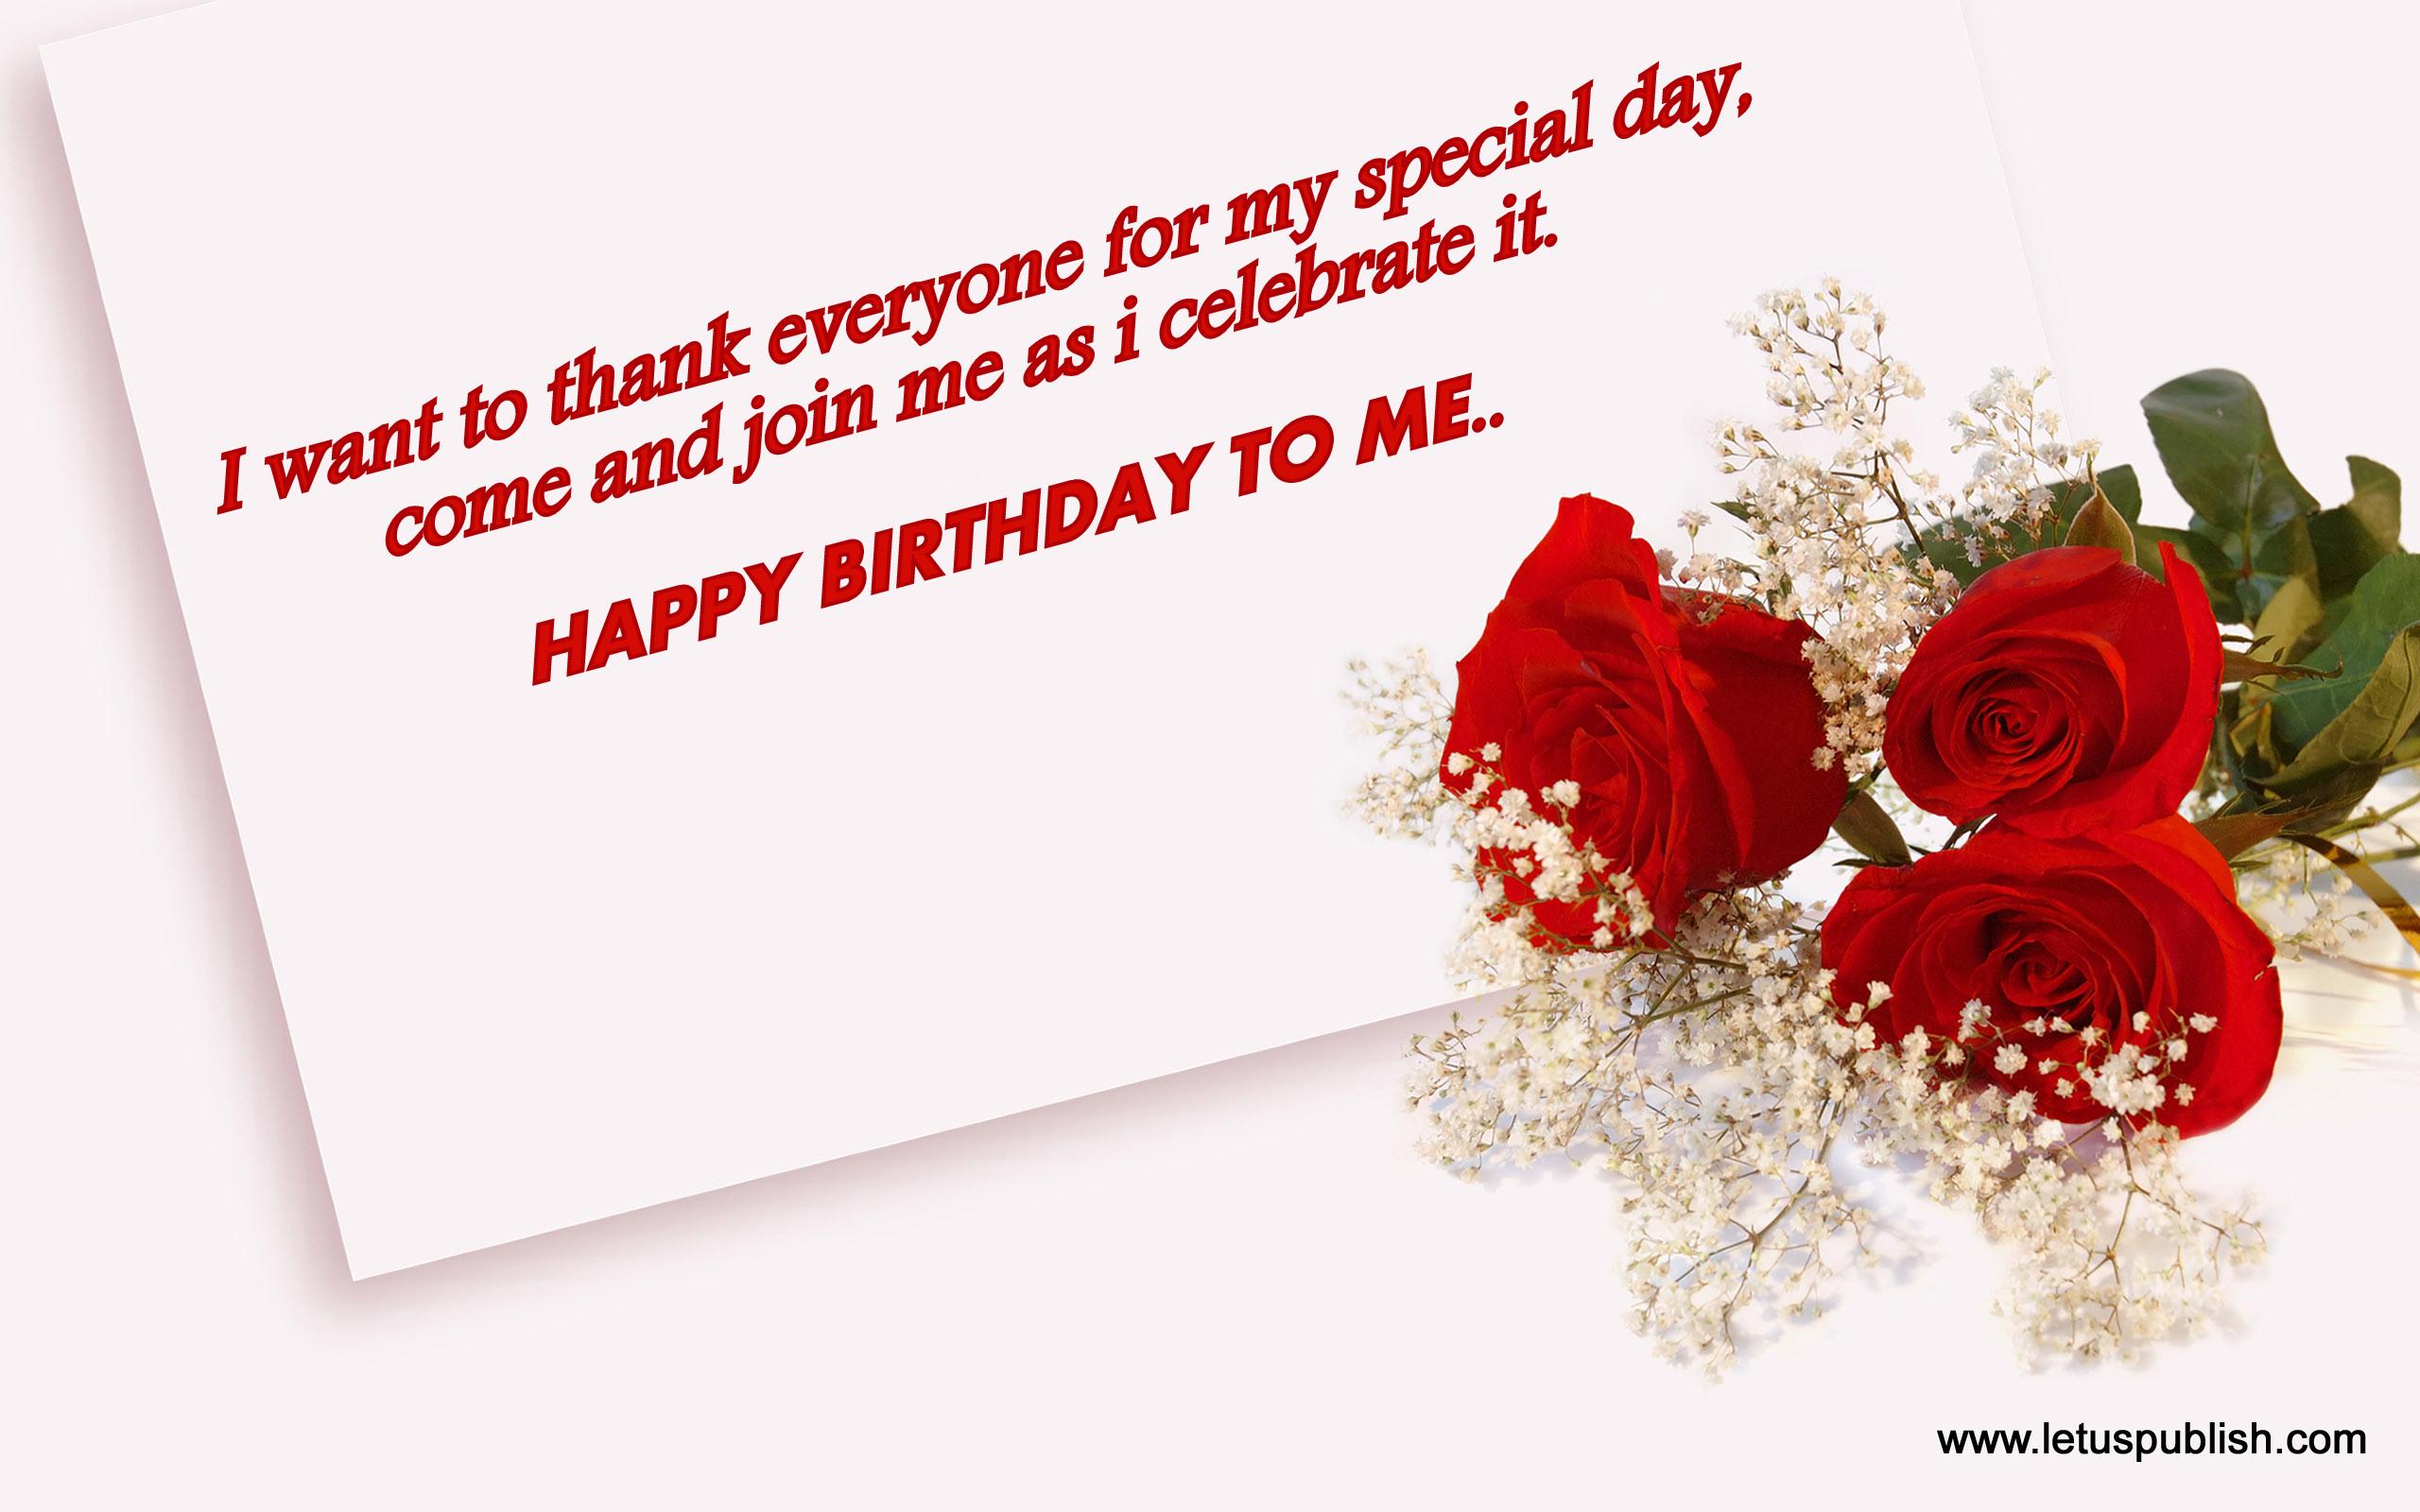 Happy birthday to me wish